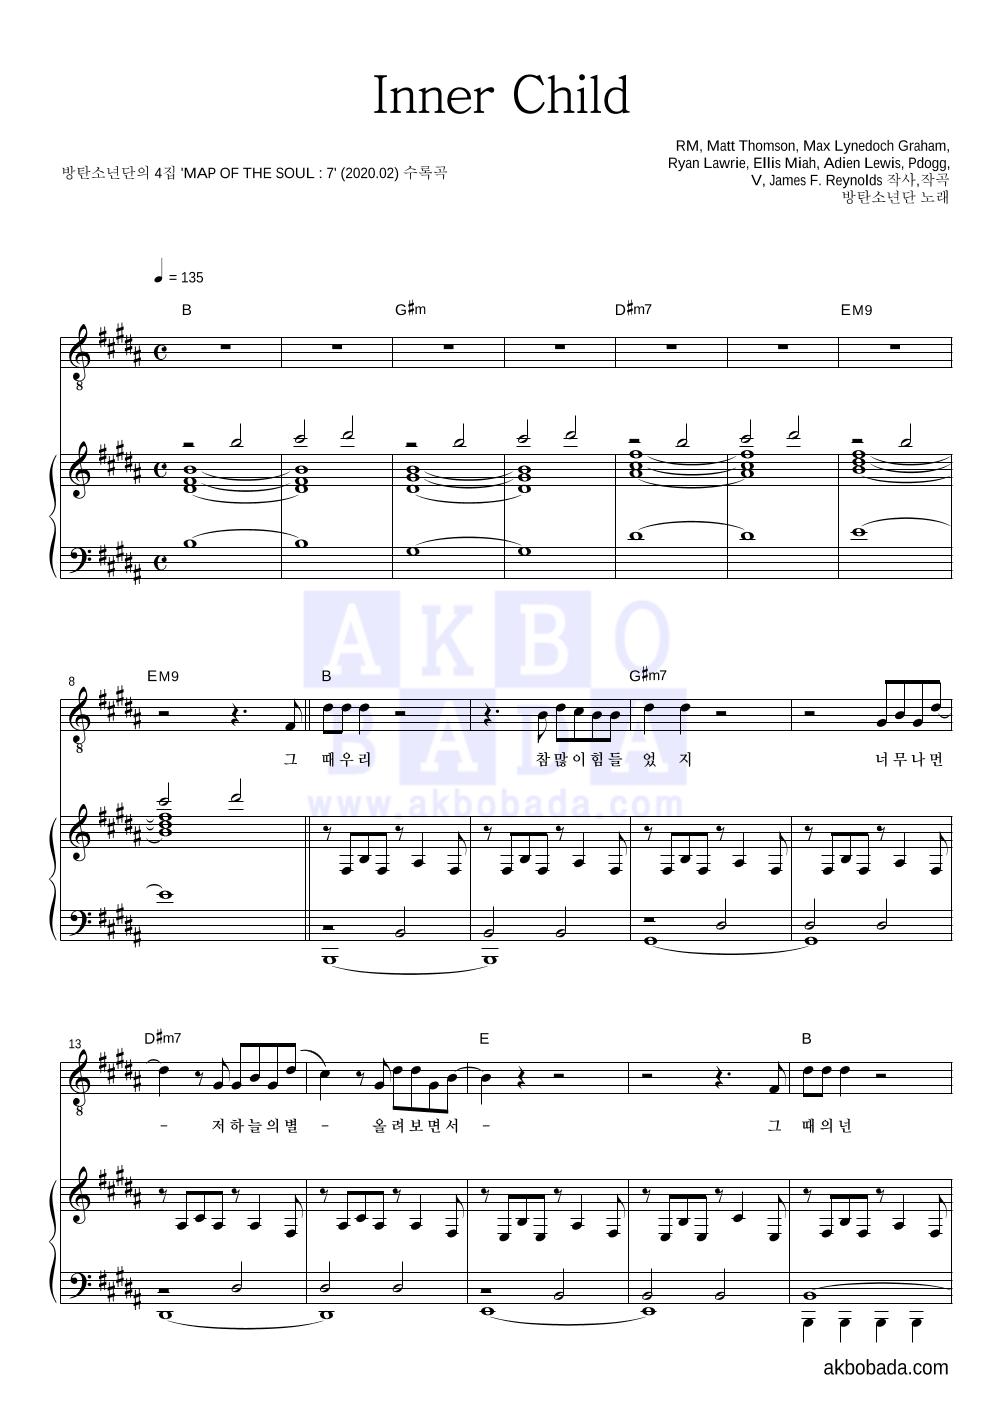 방탄소년단 - Inner Child 피아노 3단 악보